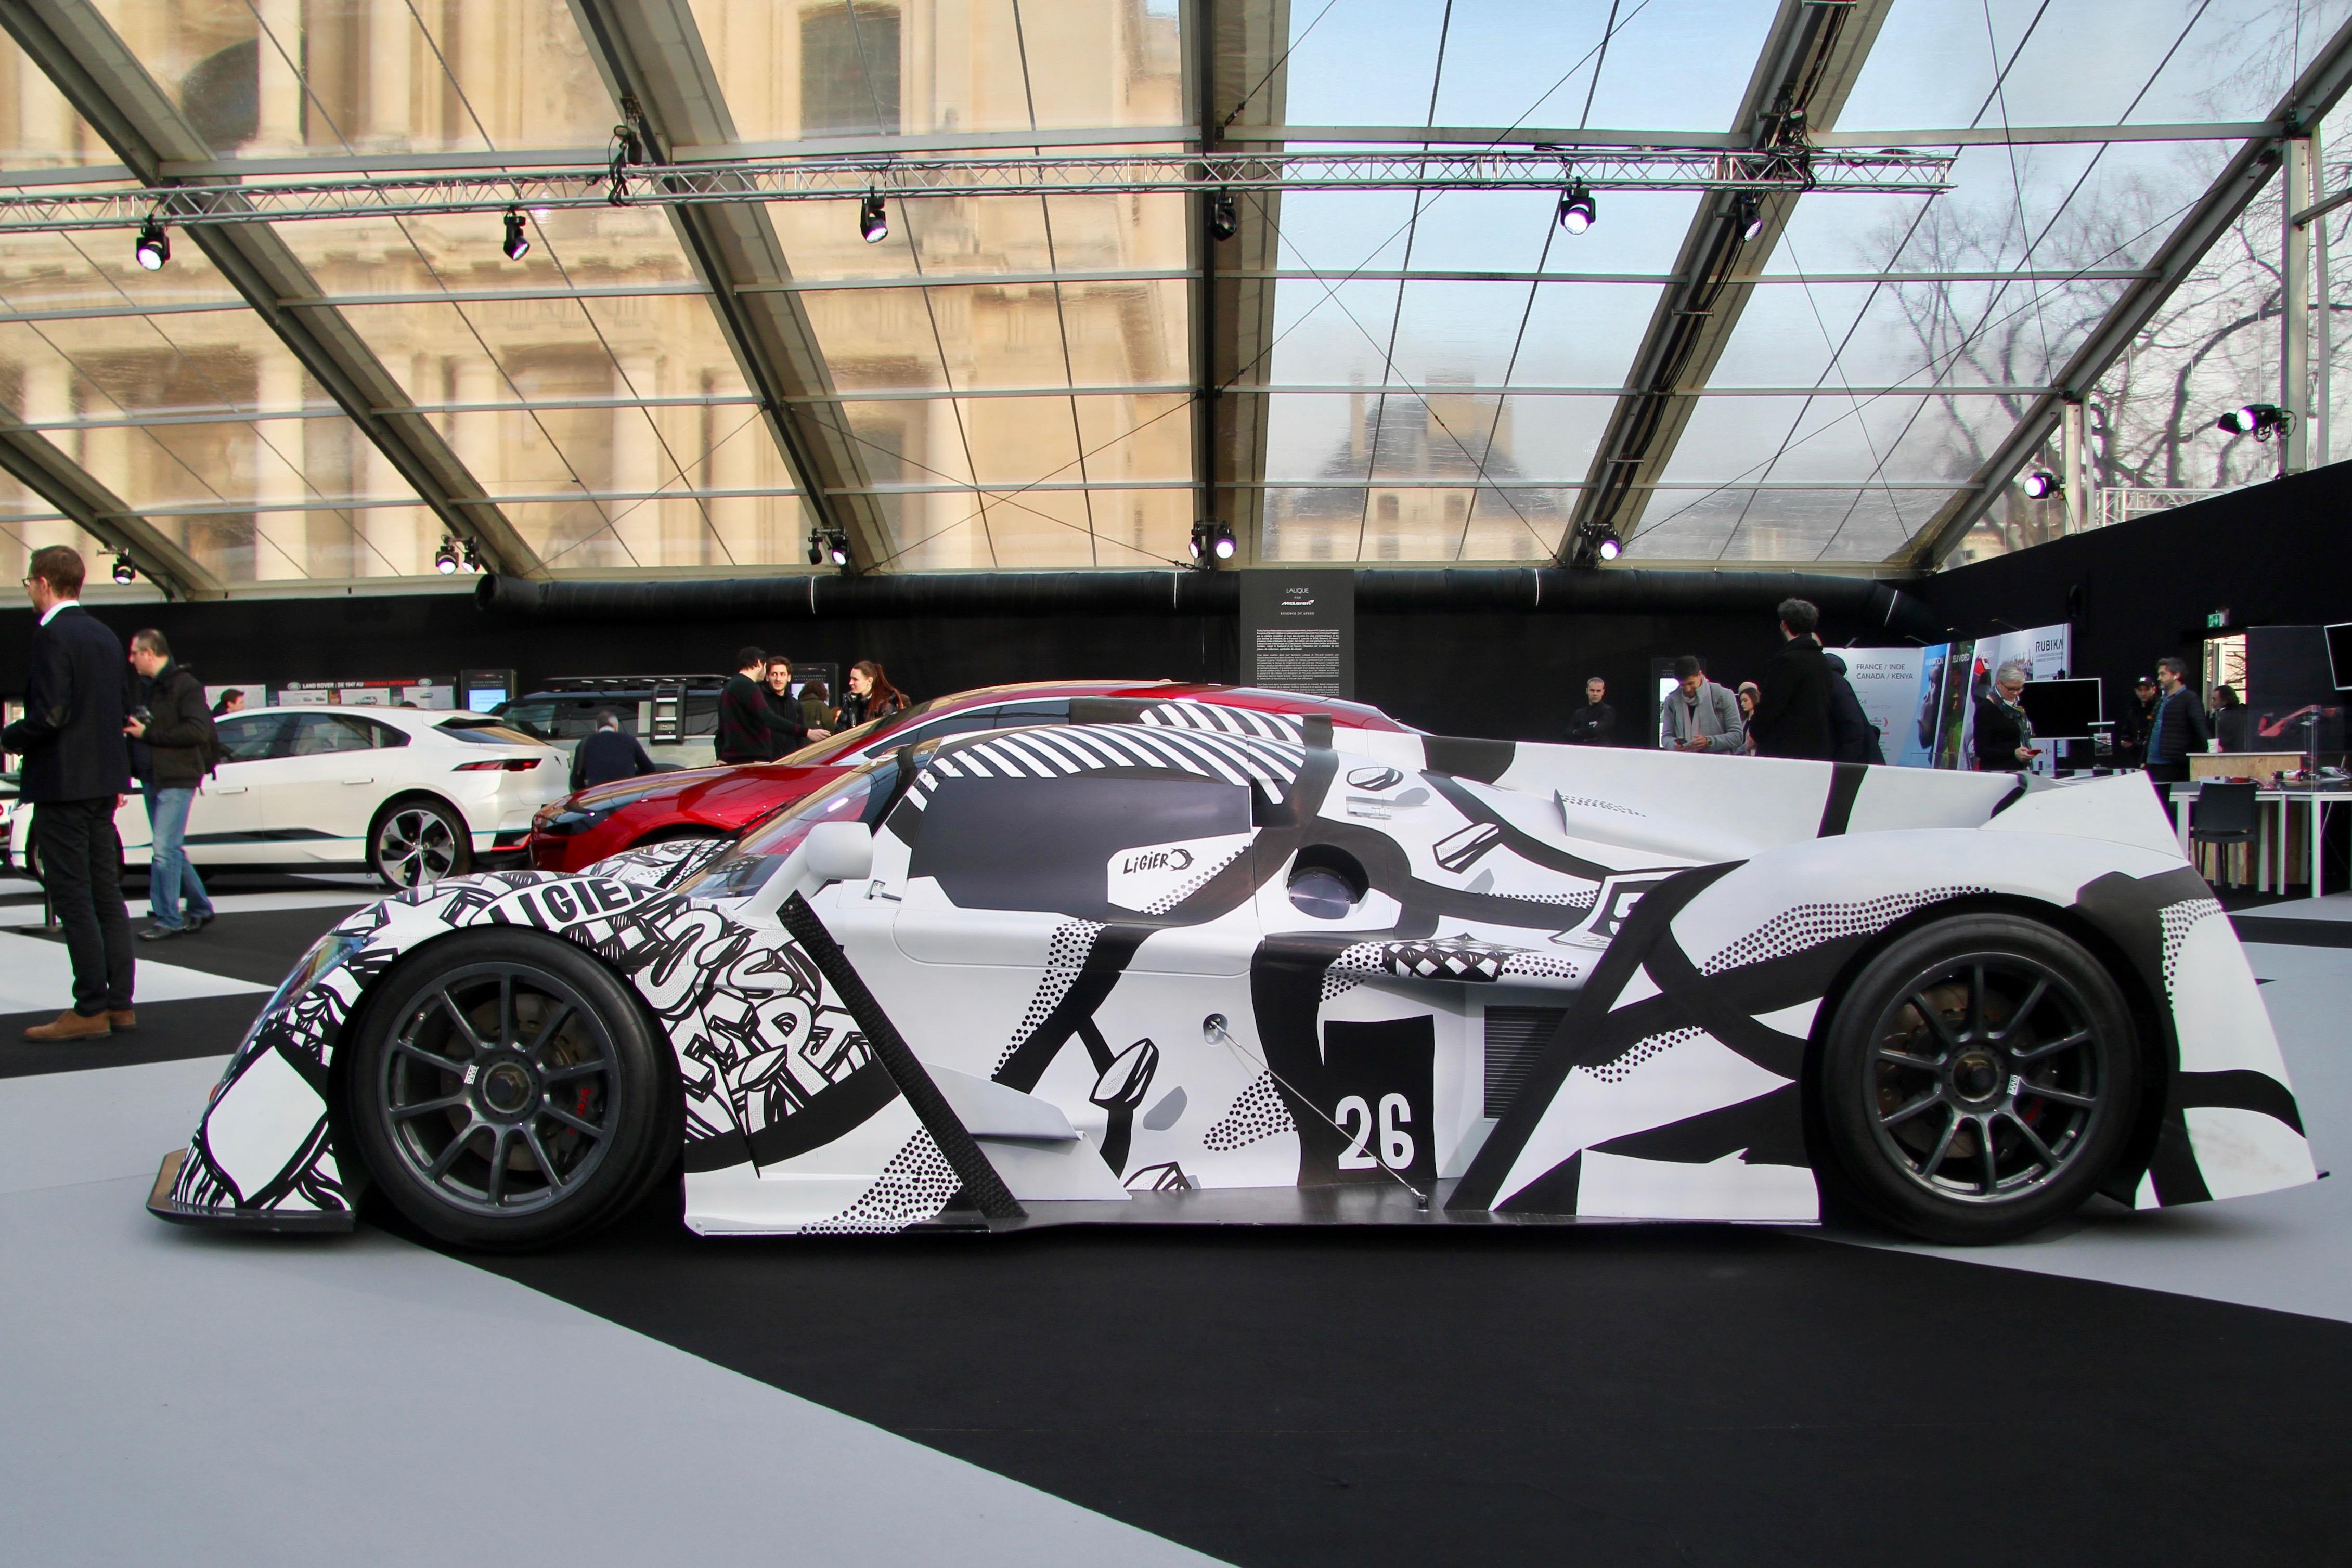 Ligier Automotive JS P4 - art car - Nairone Defives - side-face - Festival Automobile International - 2020 - exposition Concept Cars - Design Automobile - photo Ludo Ferrari